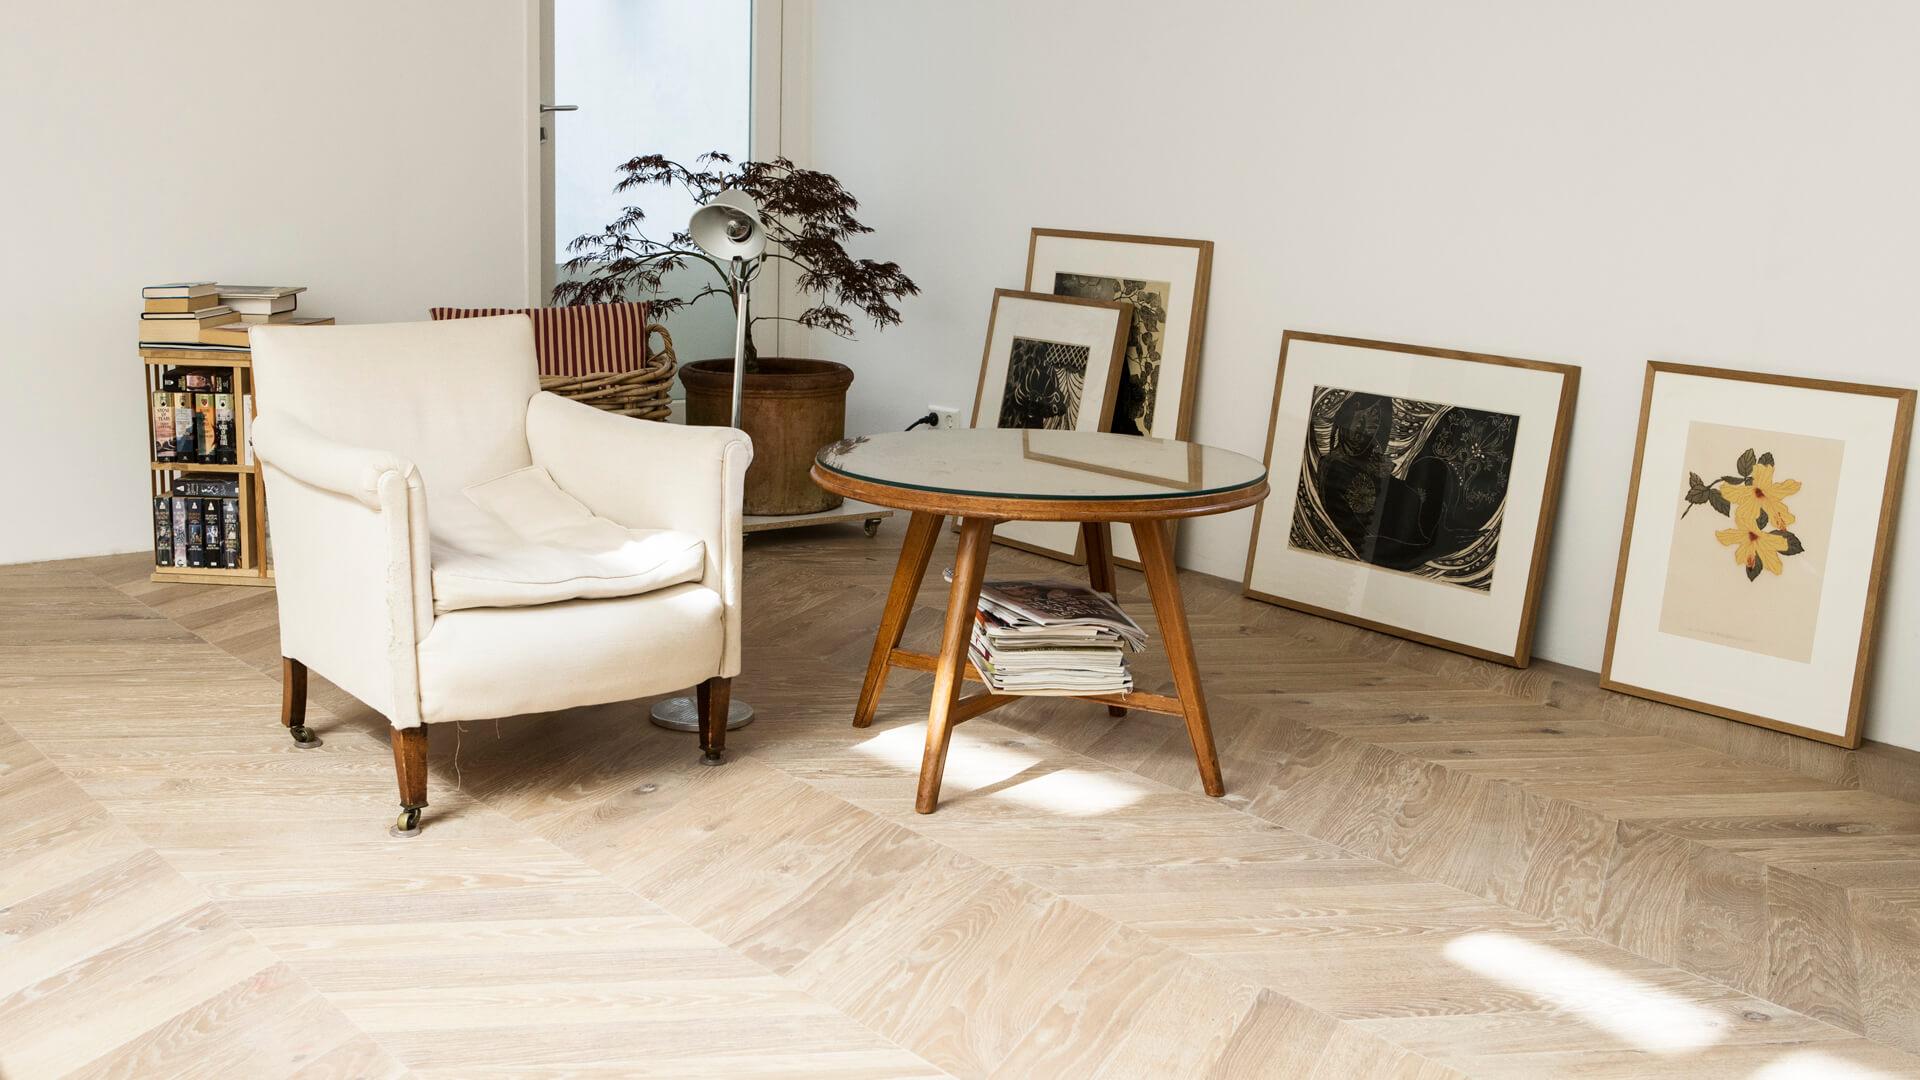 Wood Flooring with Underfloor Heating by Uipkes